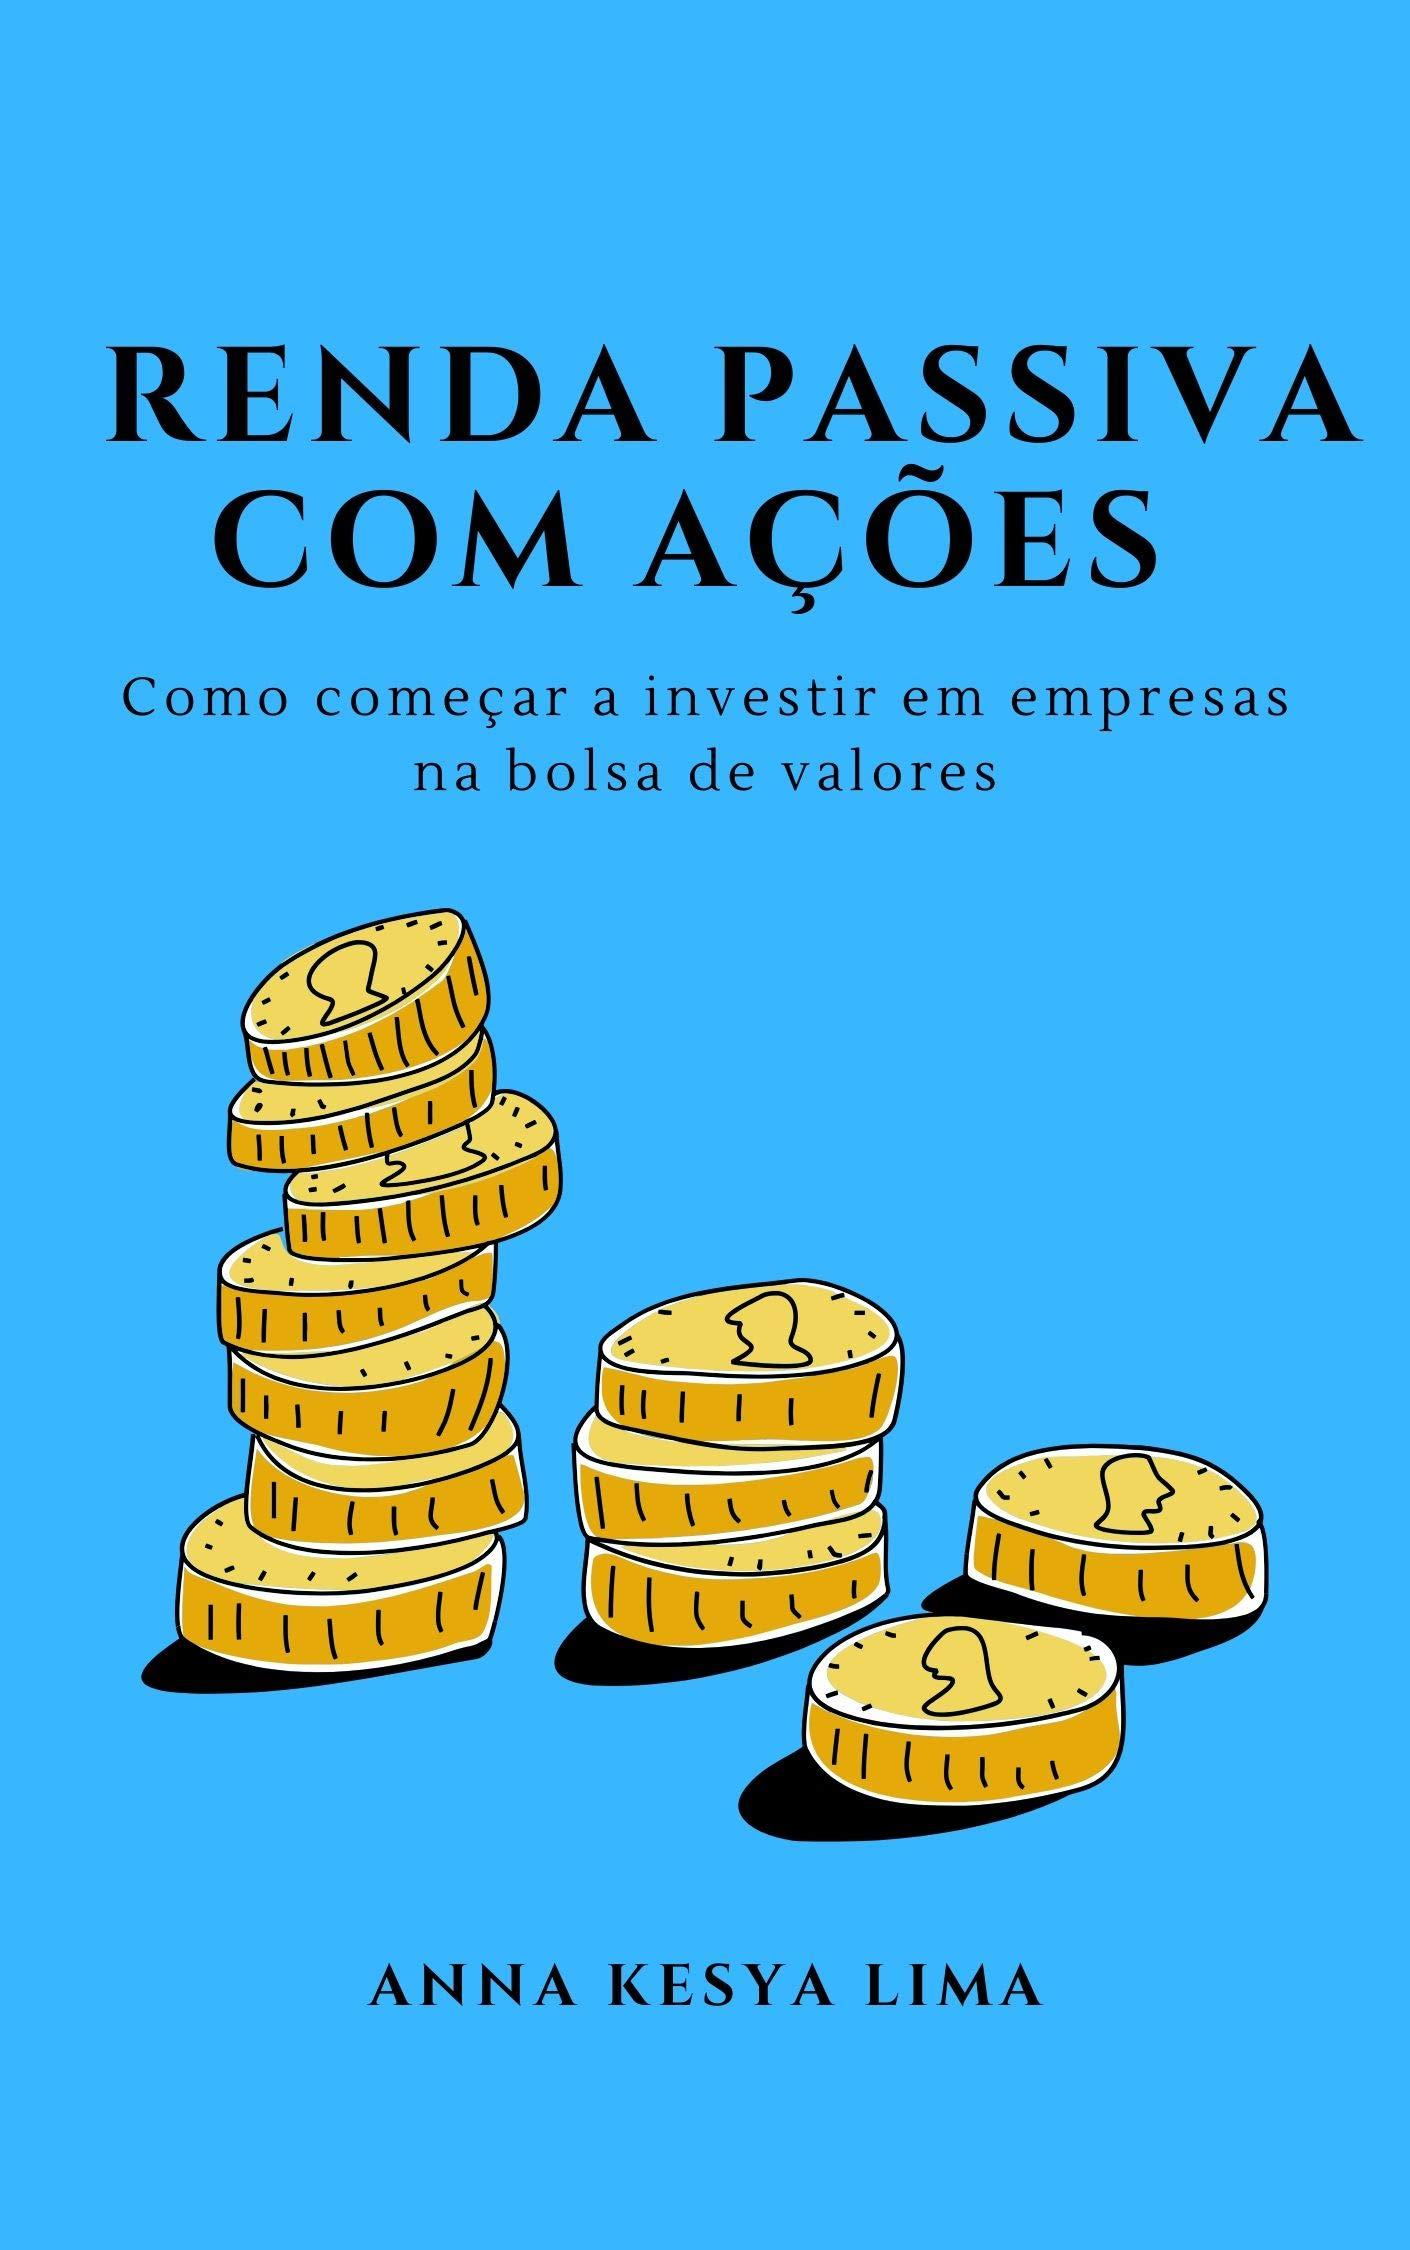 Renda Passiva com Ações: como começar a investir em empresas na bolsa de valores (Portuguese Edition)